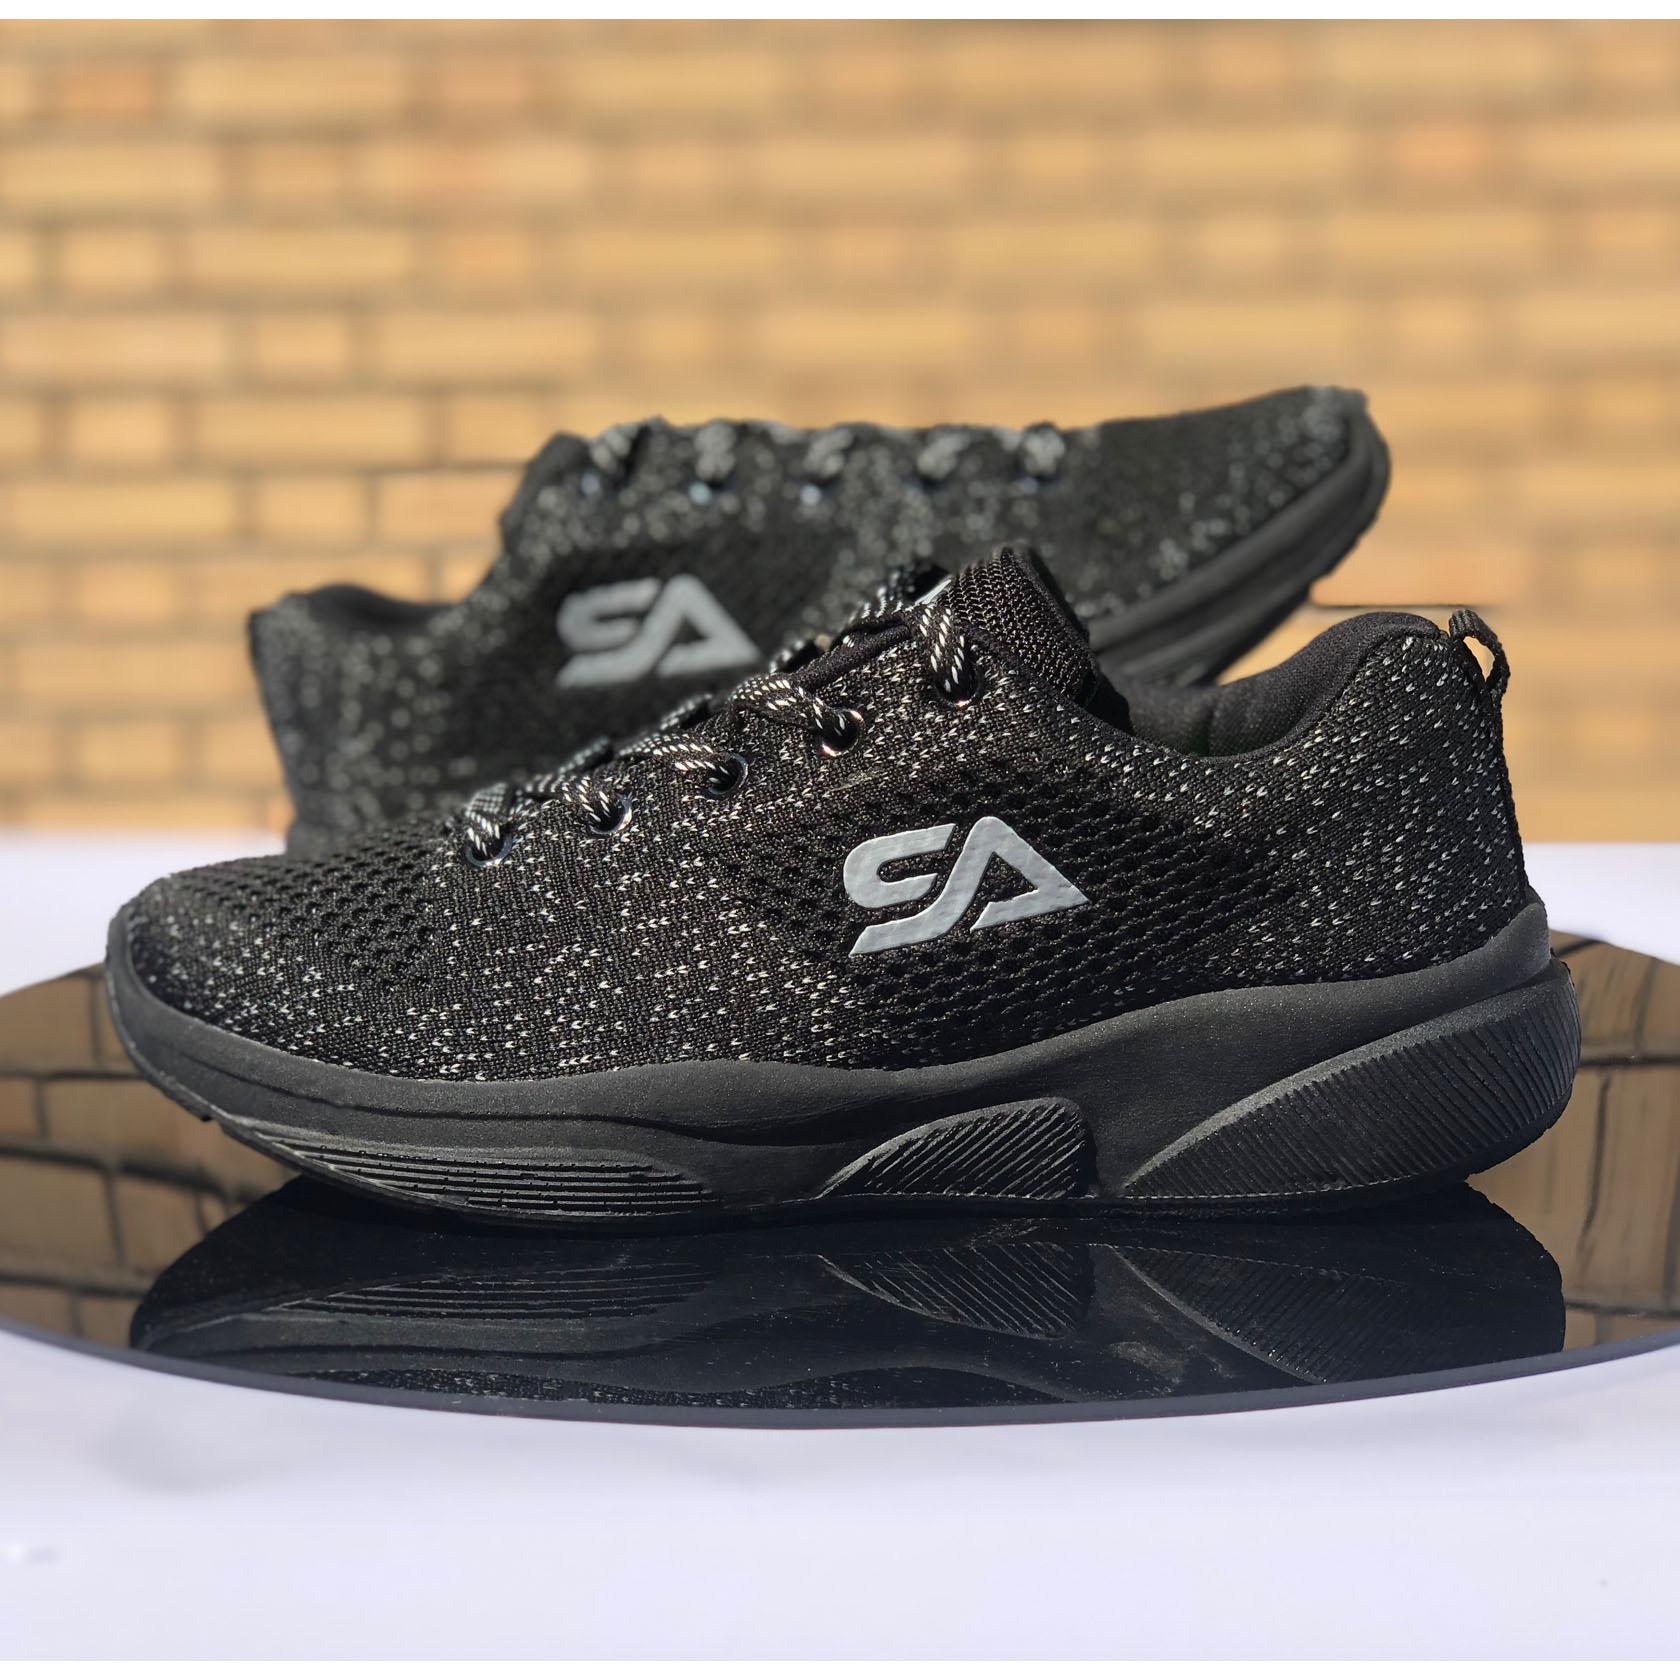 کفش پیاده روی زنانه سعیدی مدل Sa 306 main 1 2